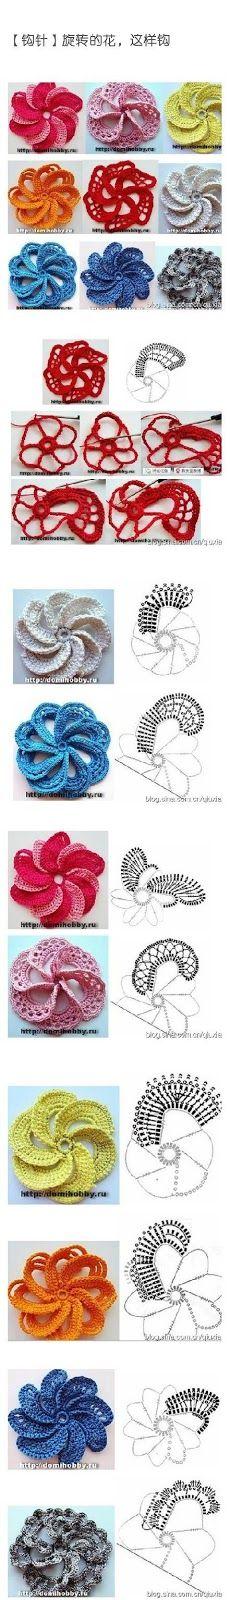 como fazer espiral de crochê